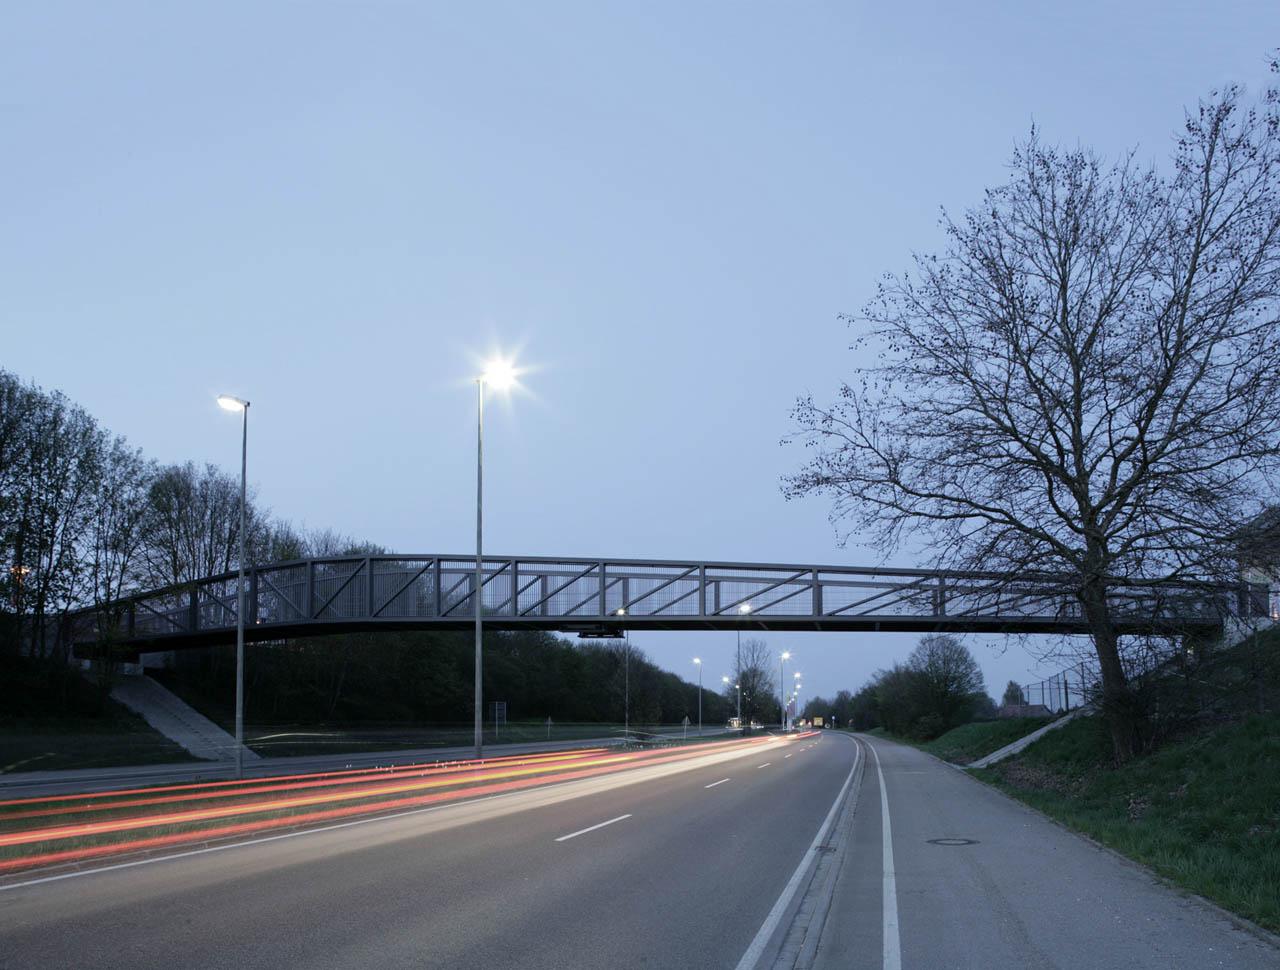 Fuß- und Radwegebrücke über die Europastraße, Neu-Ulm